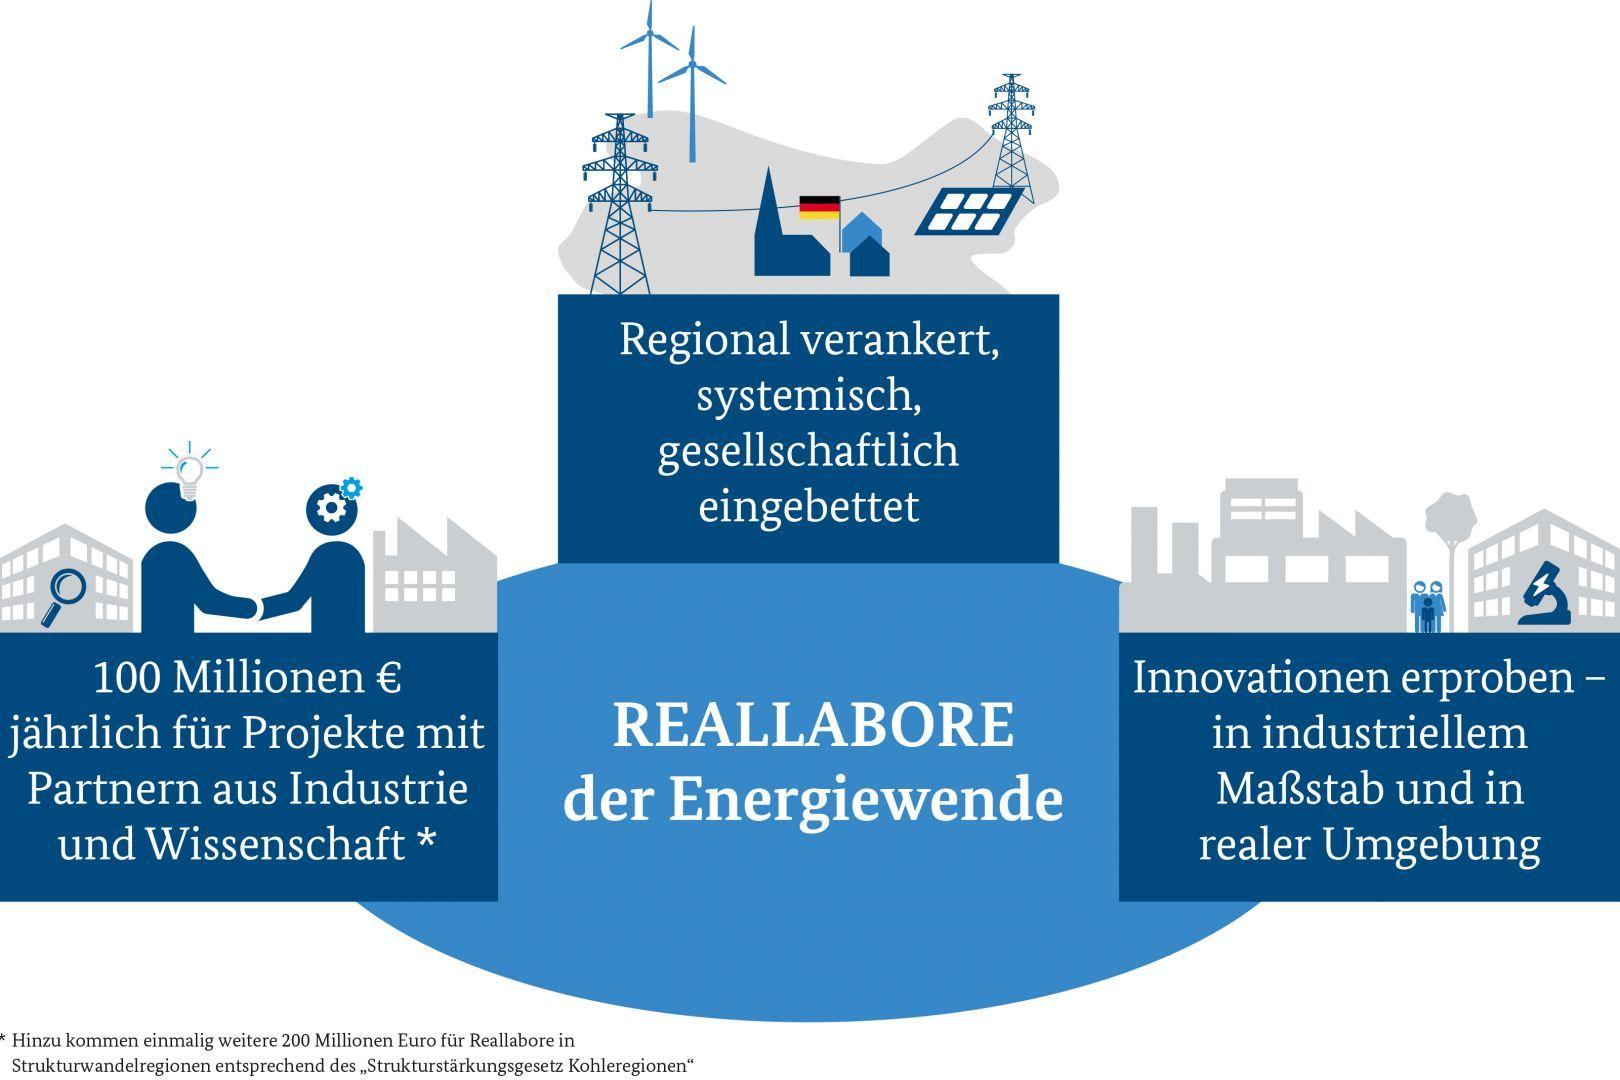 Schematische Darstellung der Reallabore der Energiewende